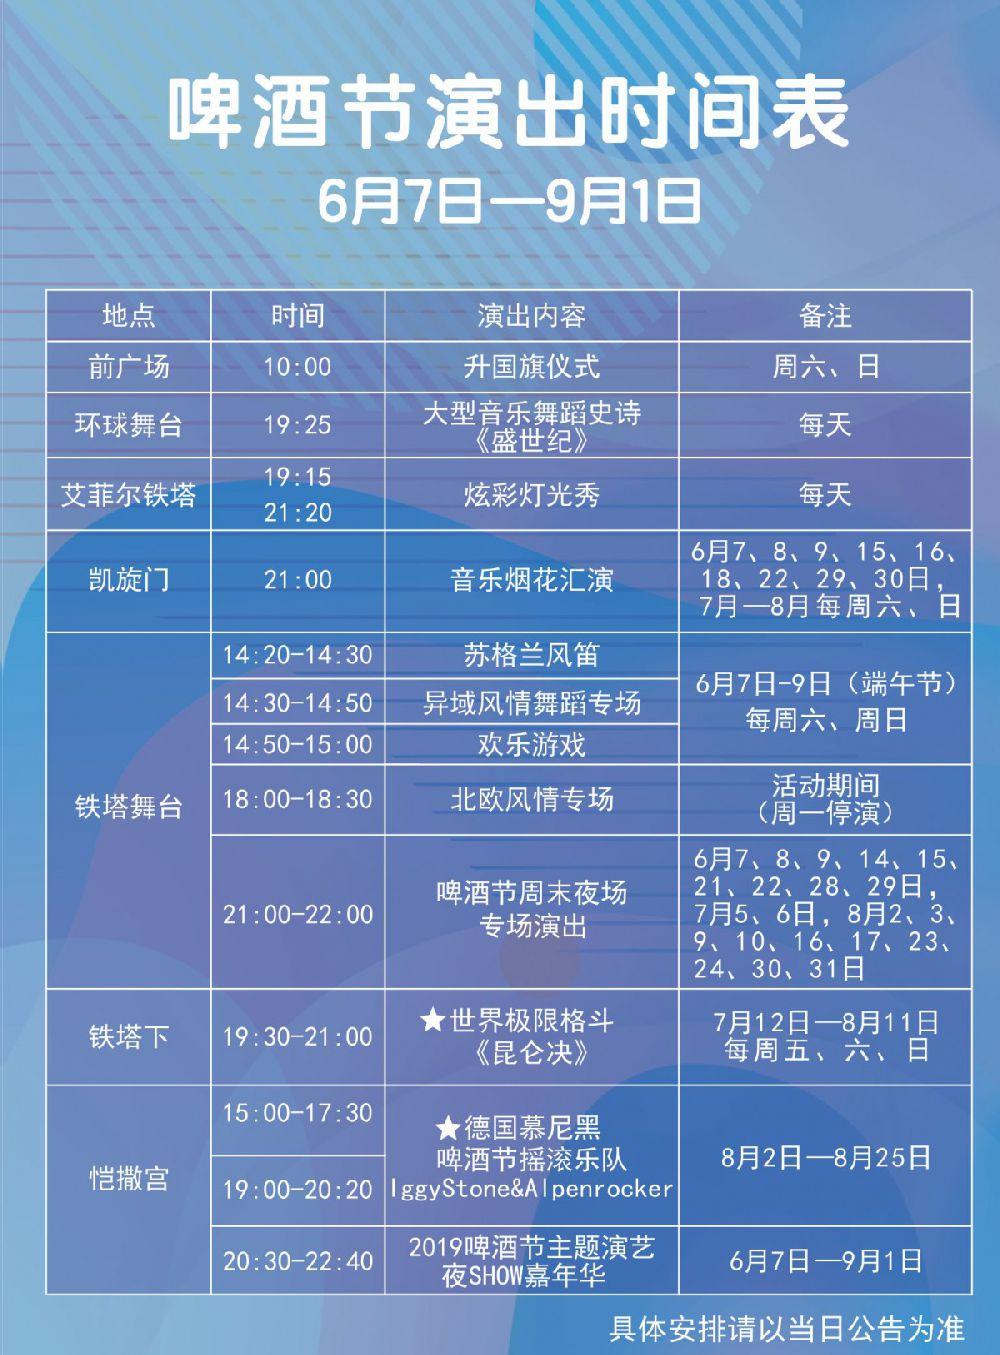 2019深圳世界之窗啤酒节时间表